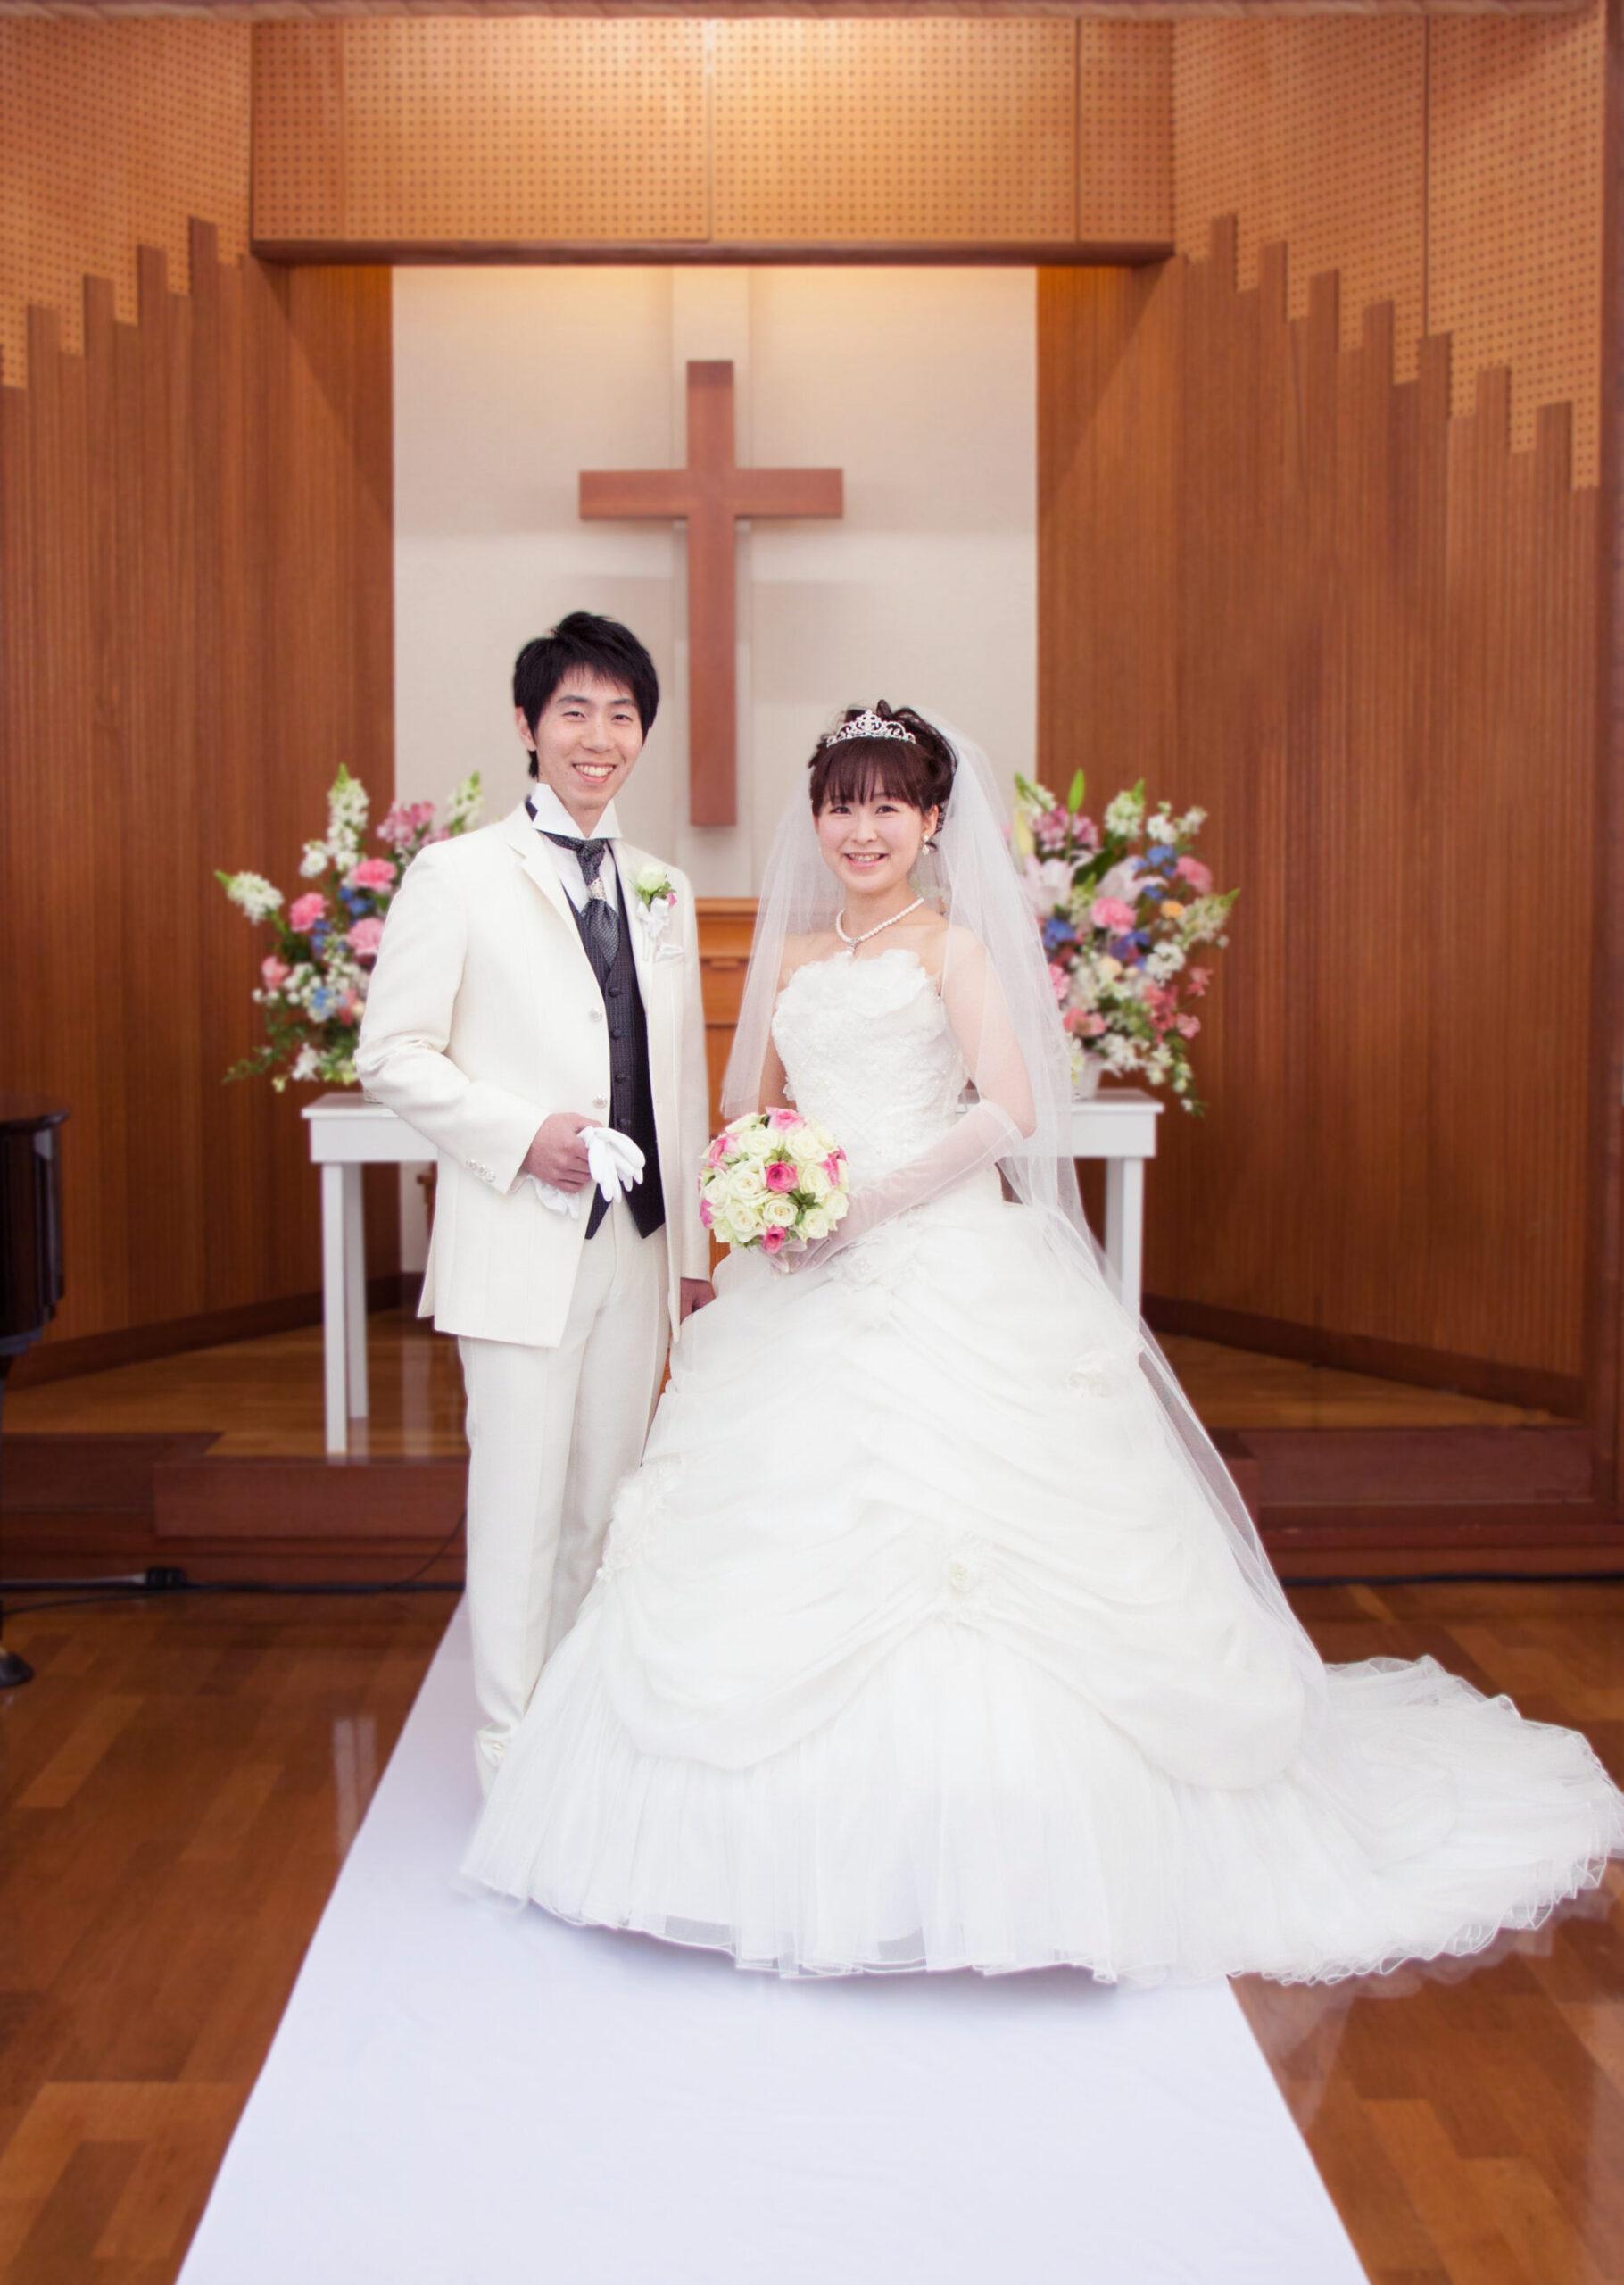 みなみフォトデザイン婚礼写真